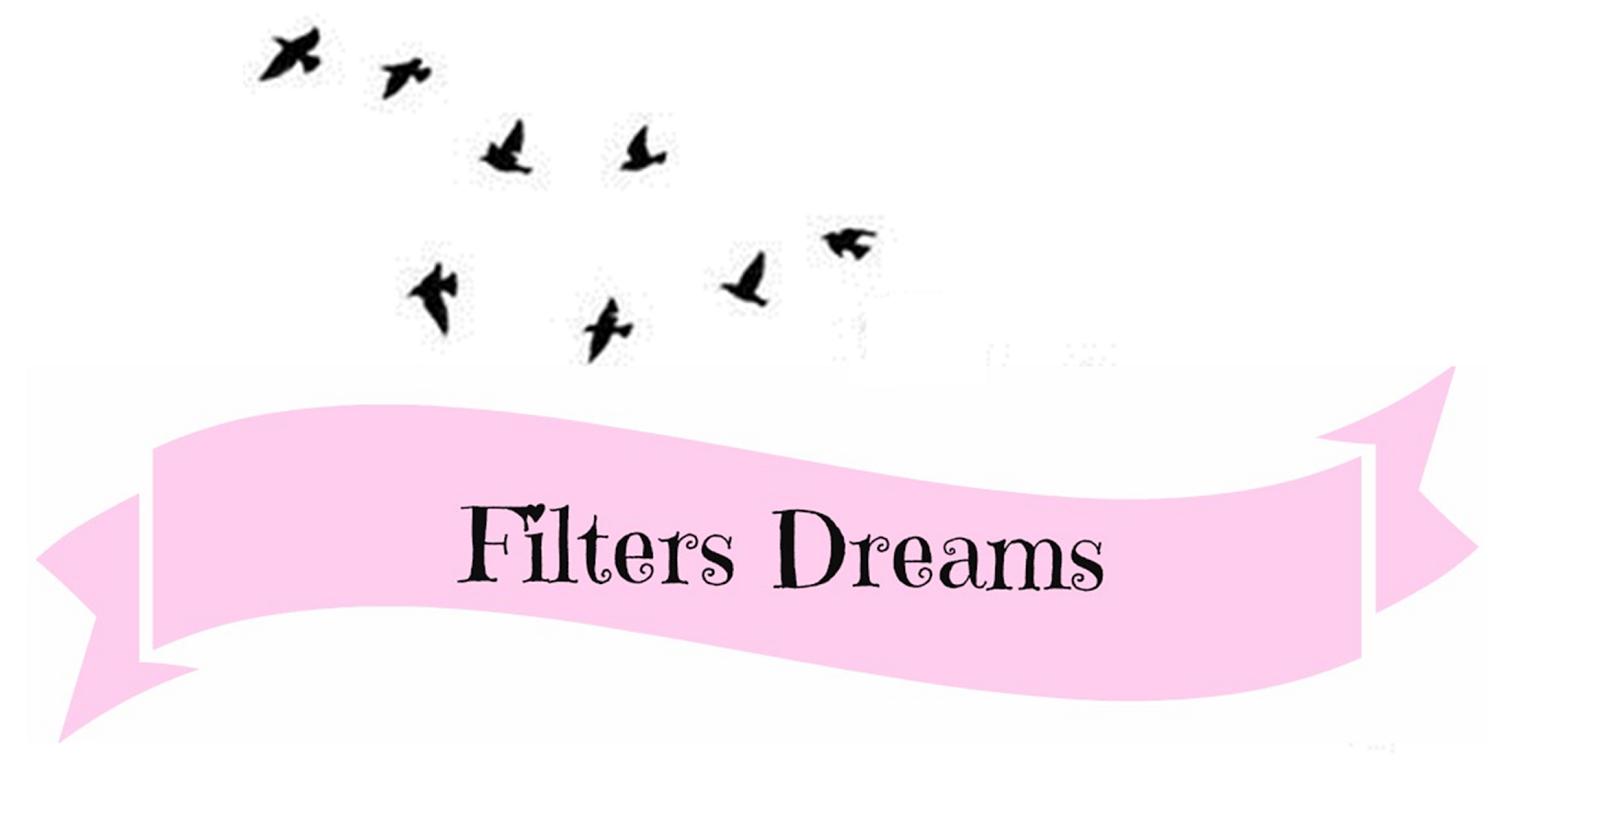 Filters Dreams